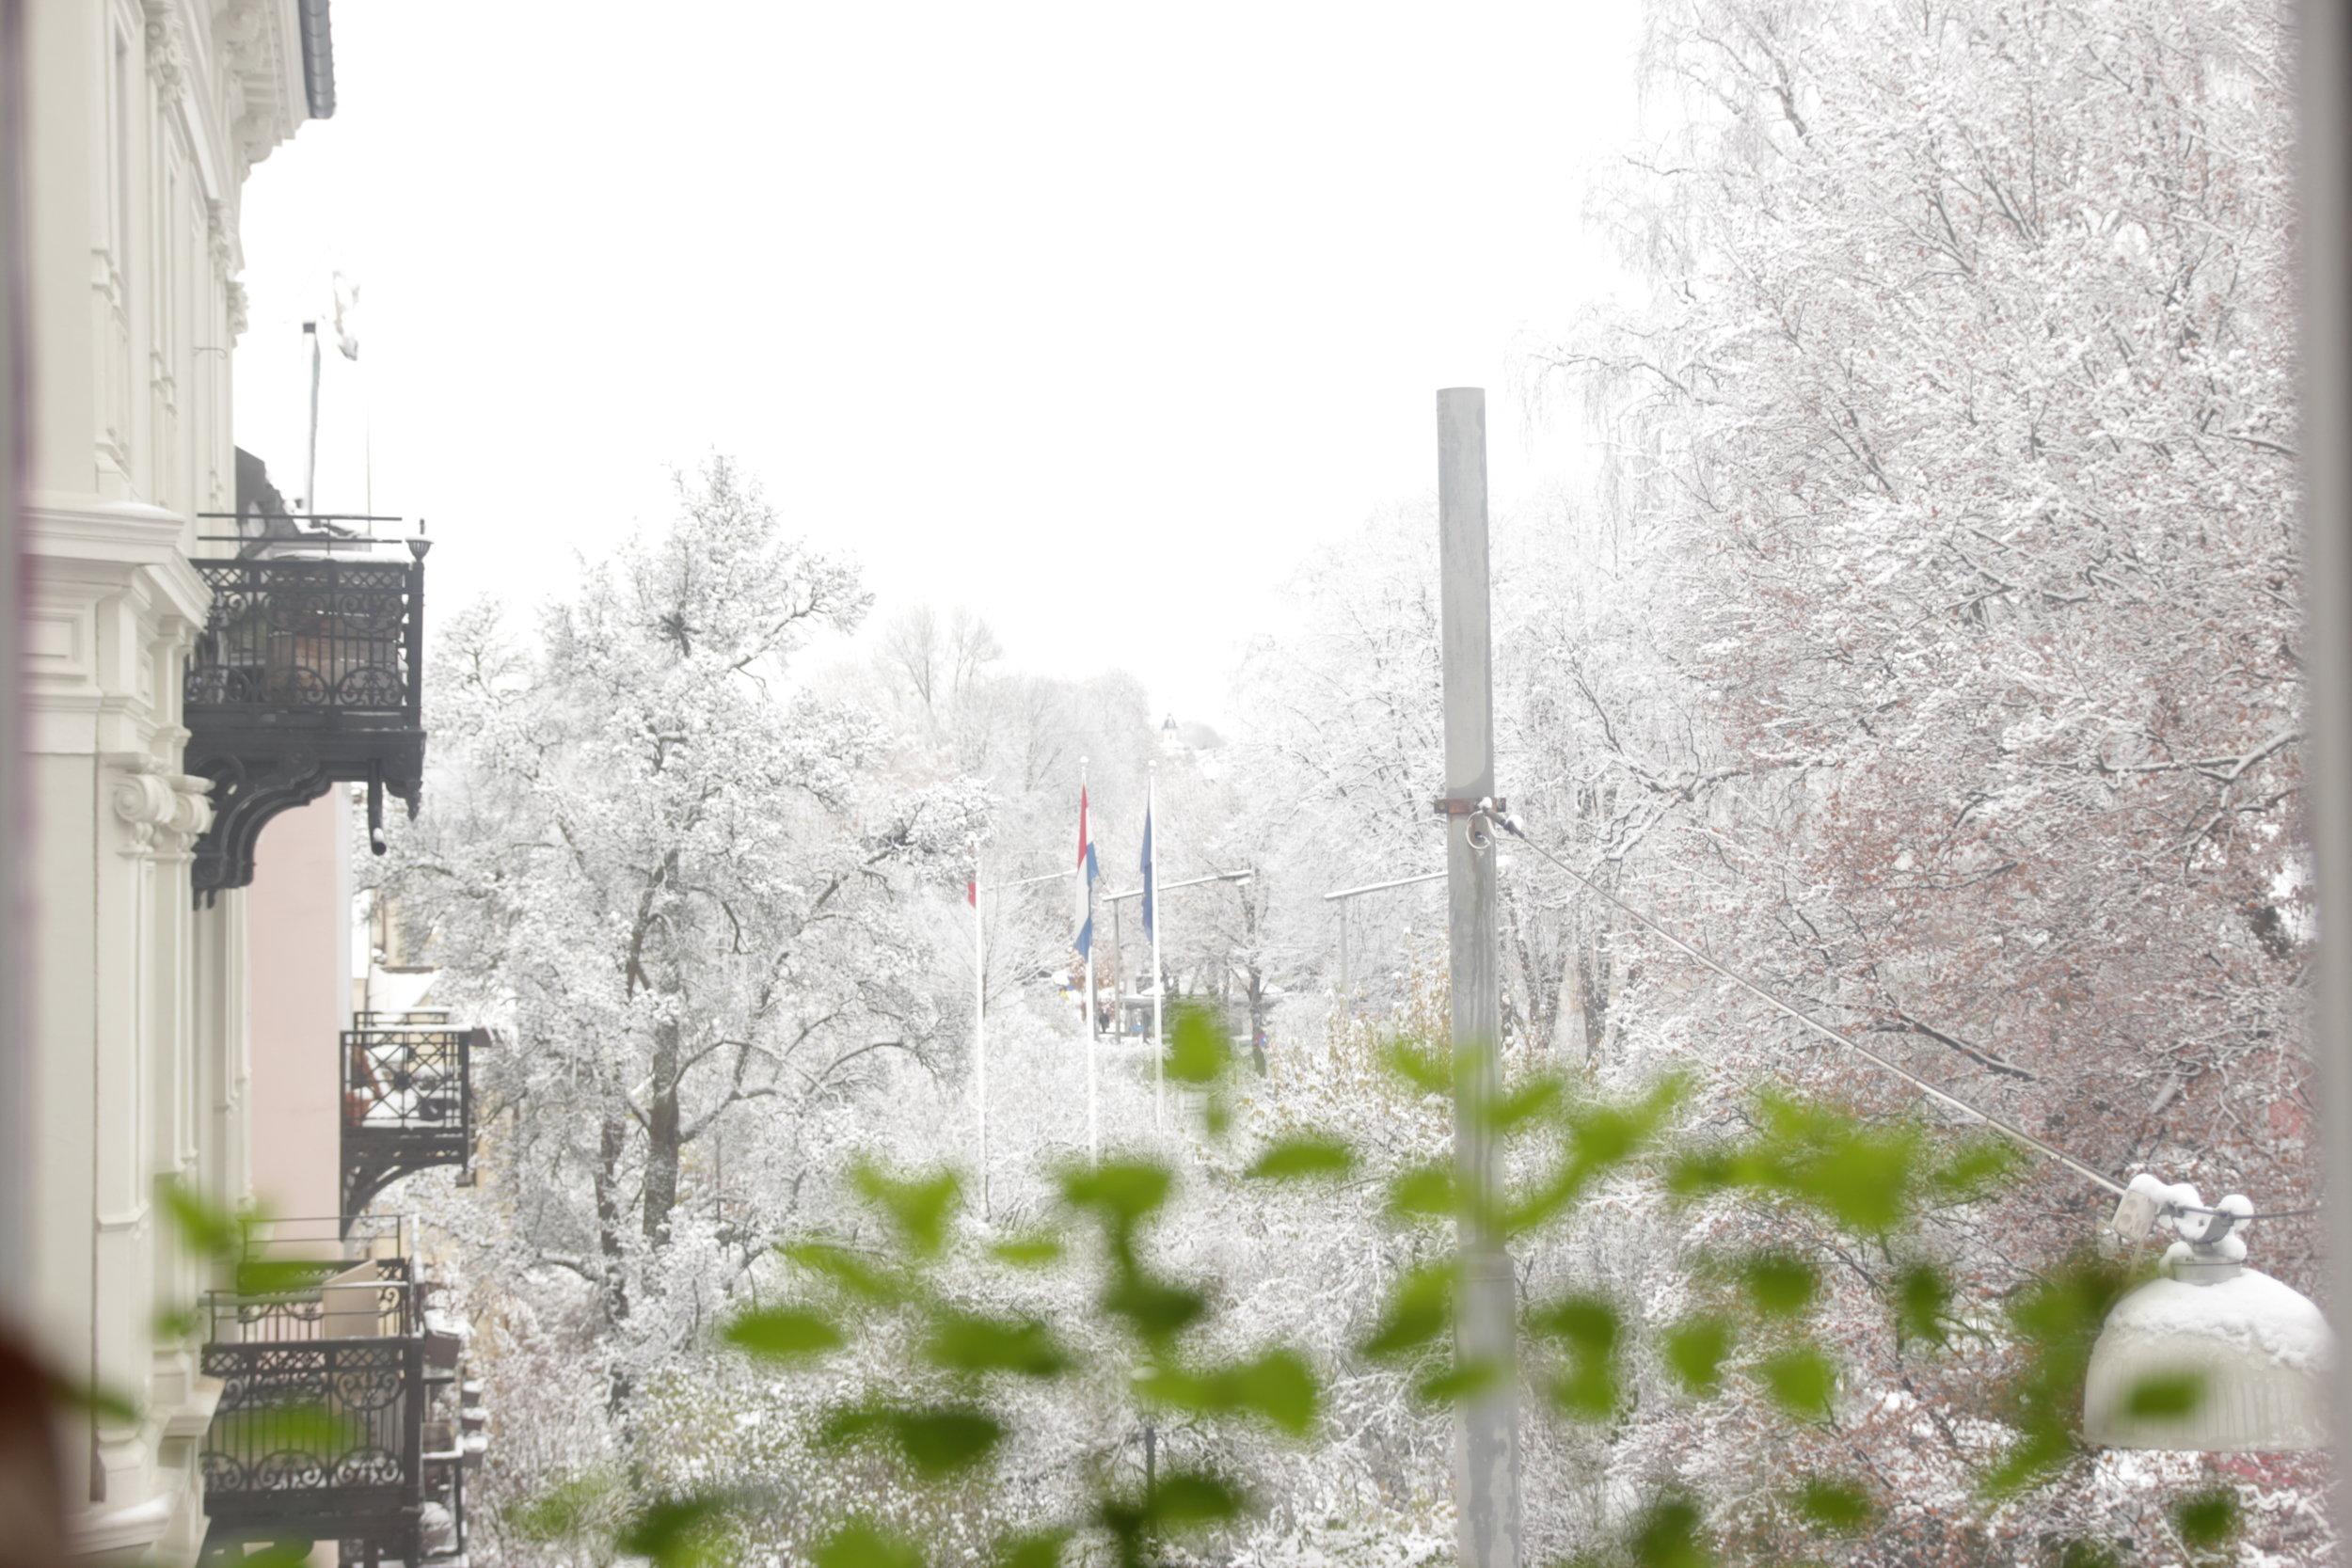 First Day of Snowfall. Oslo, November 2017.